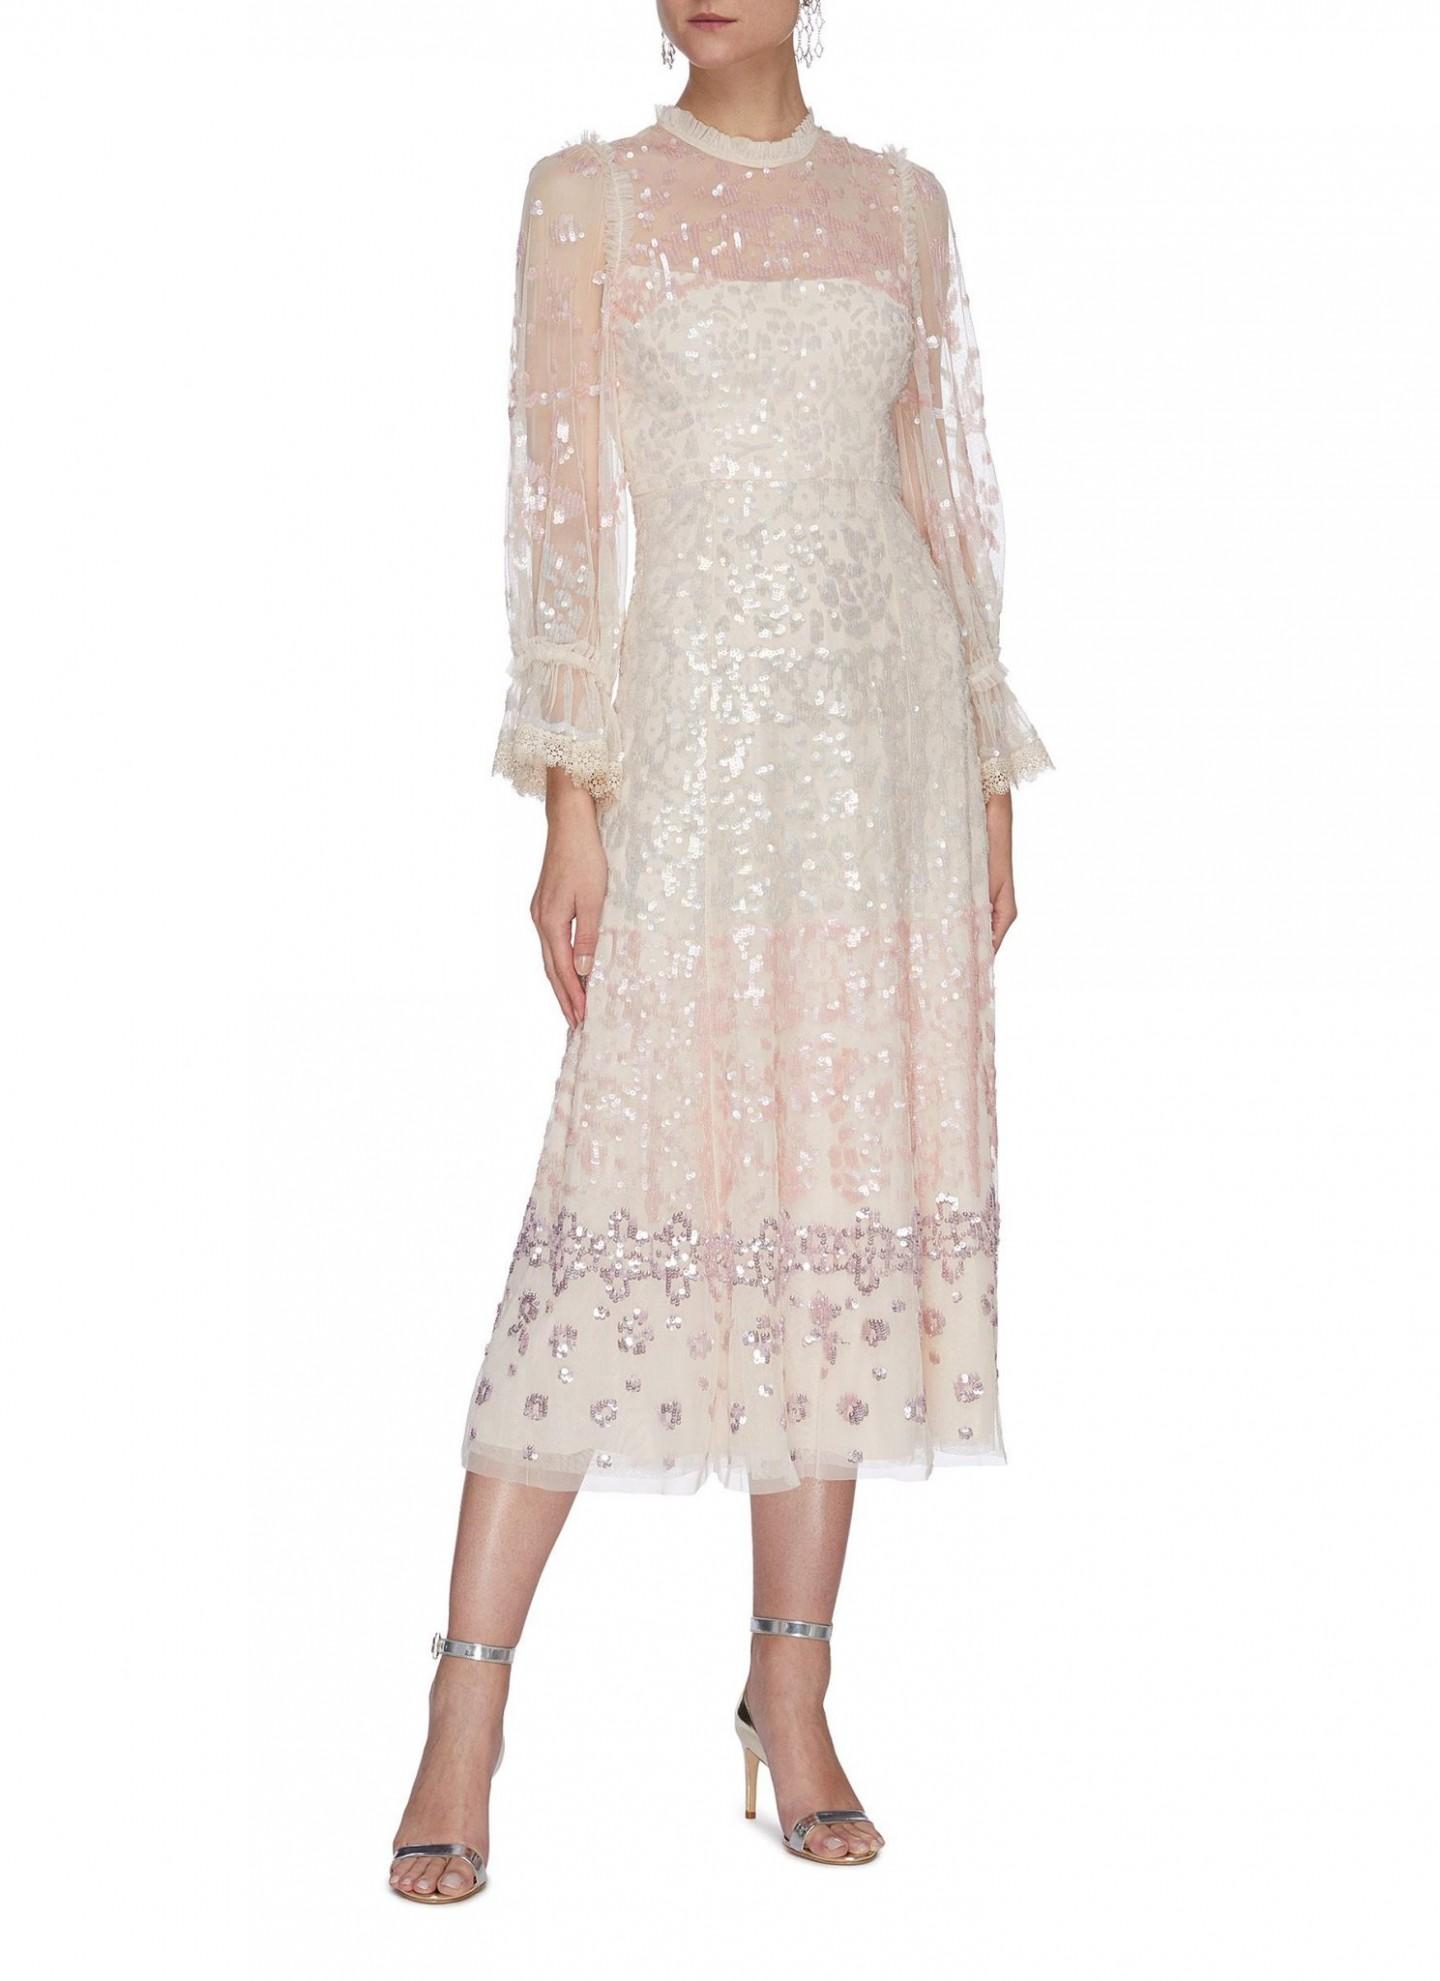 NEEDLE & THREAD Sequin Embellished Trumpet Sleeve Tulle Ballerina Midi Dress